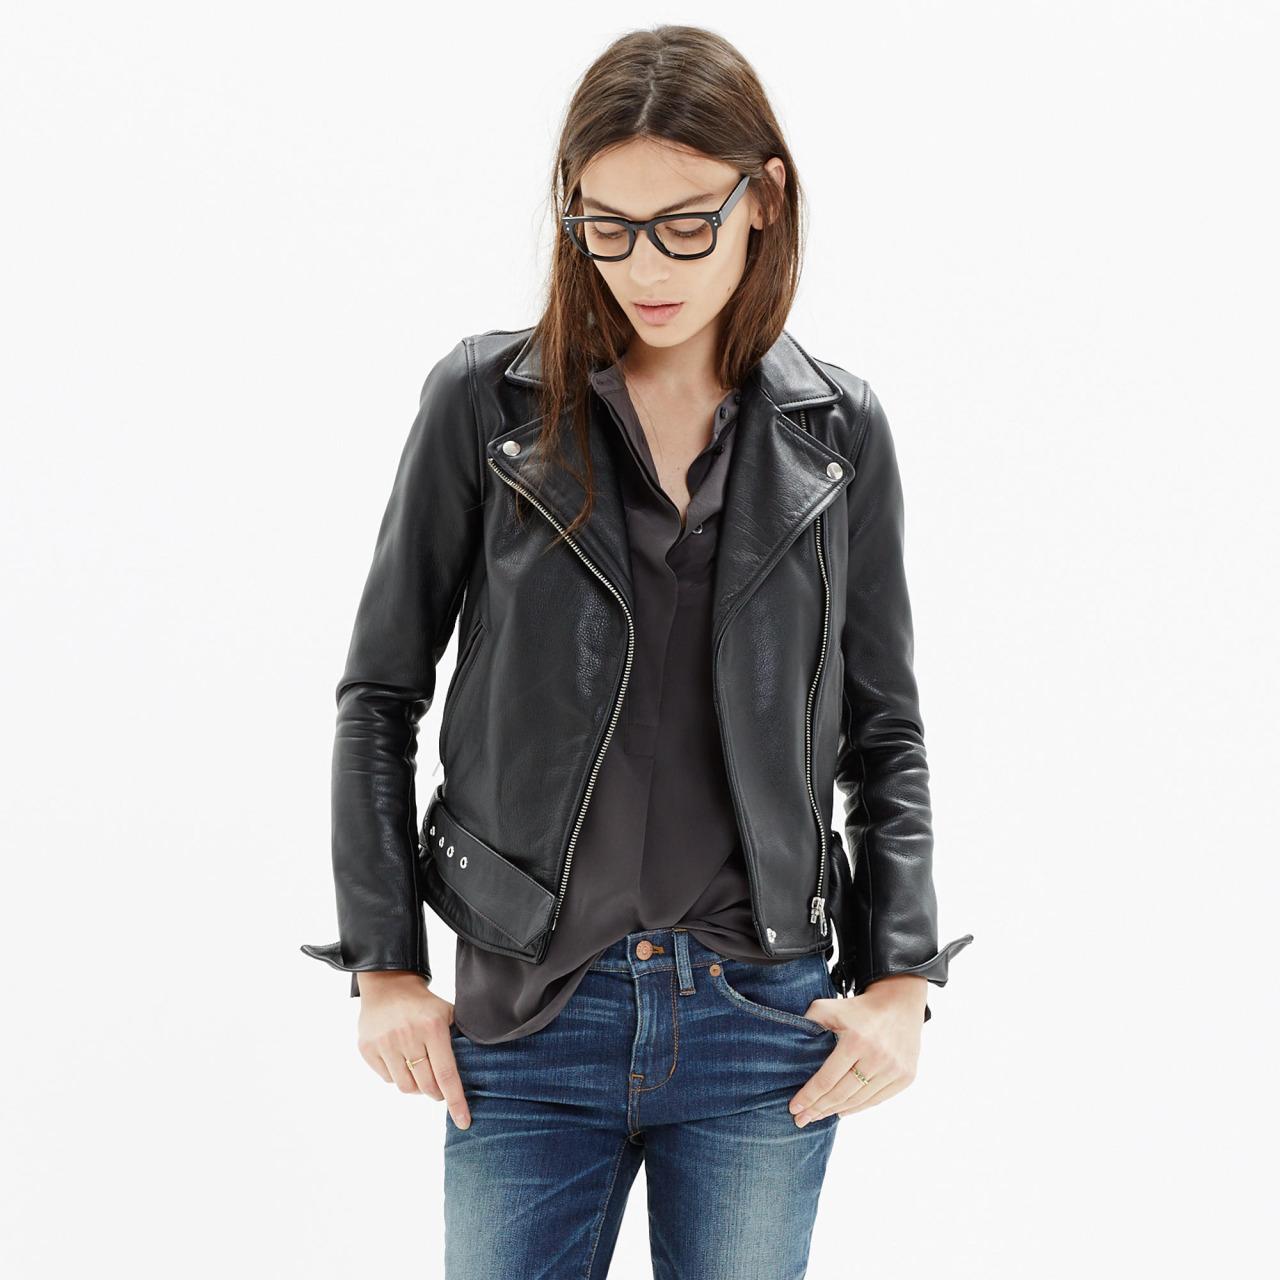 french style moto jacket 2